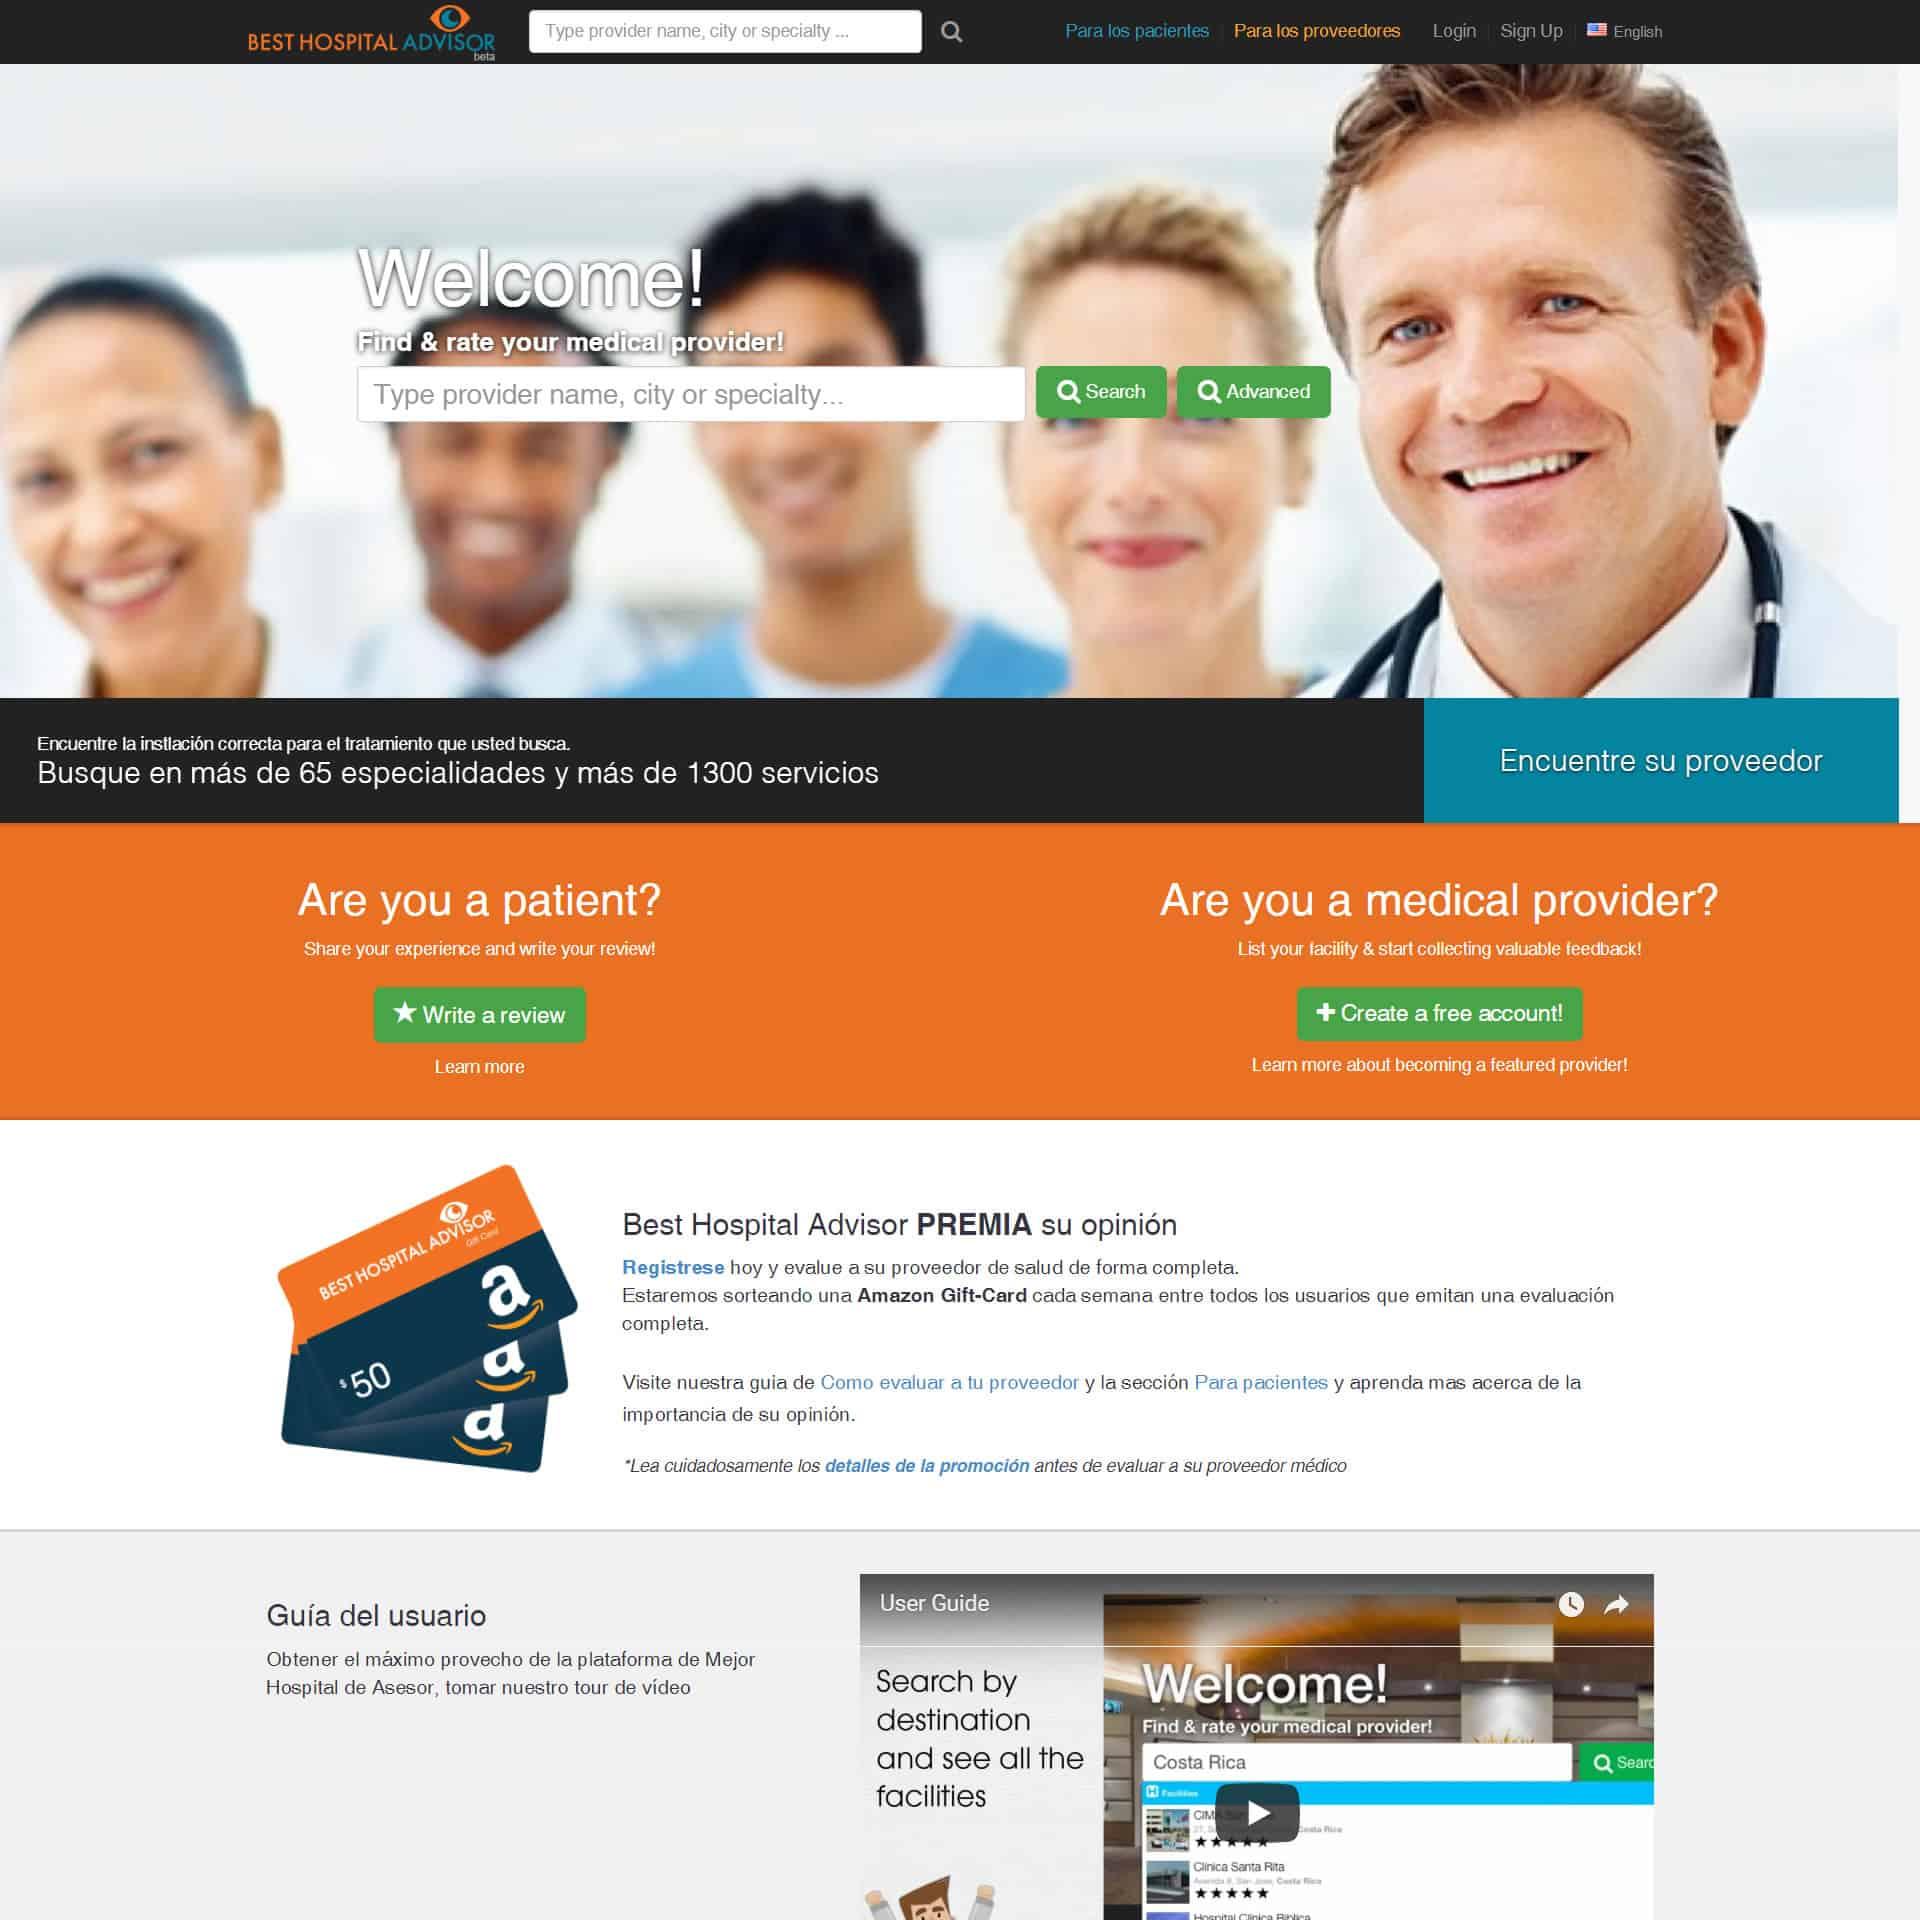 besthospitaladvisor